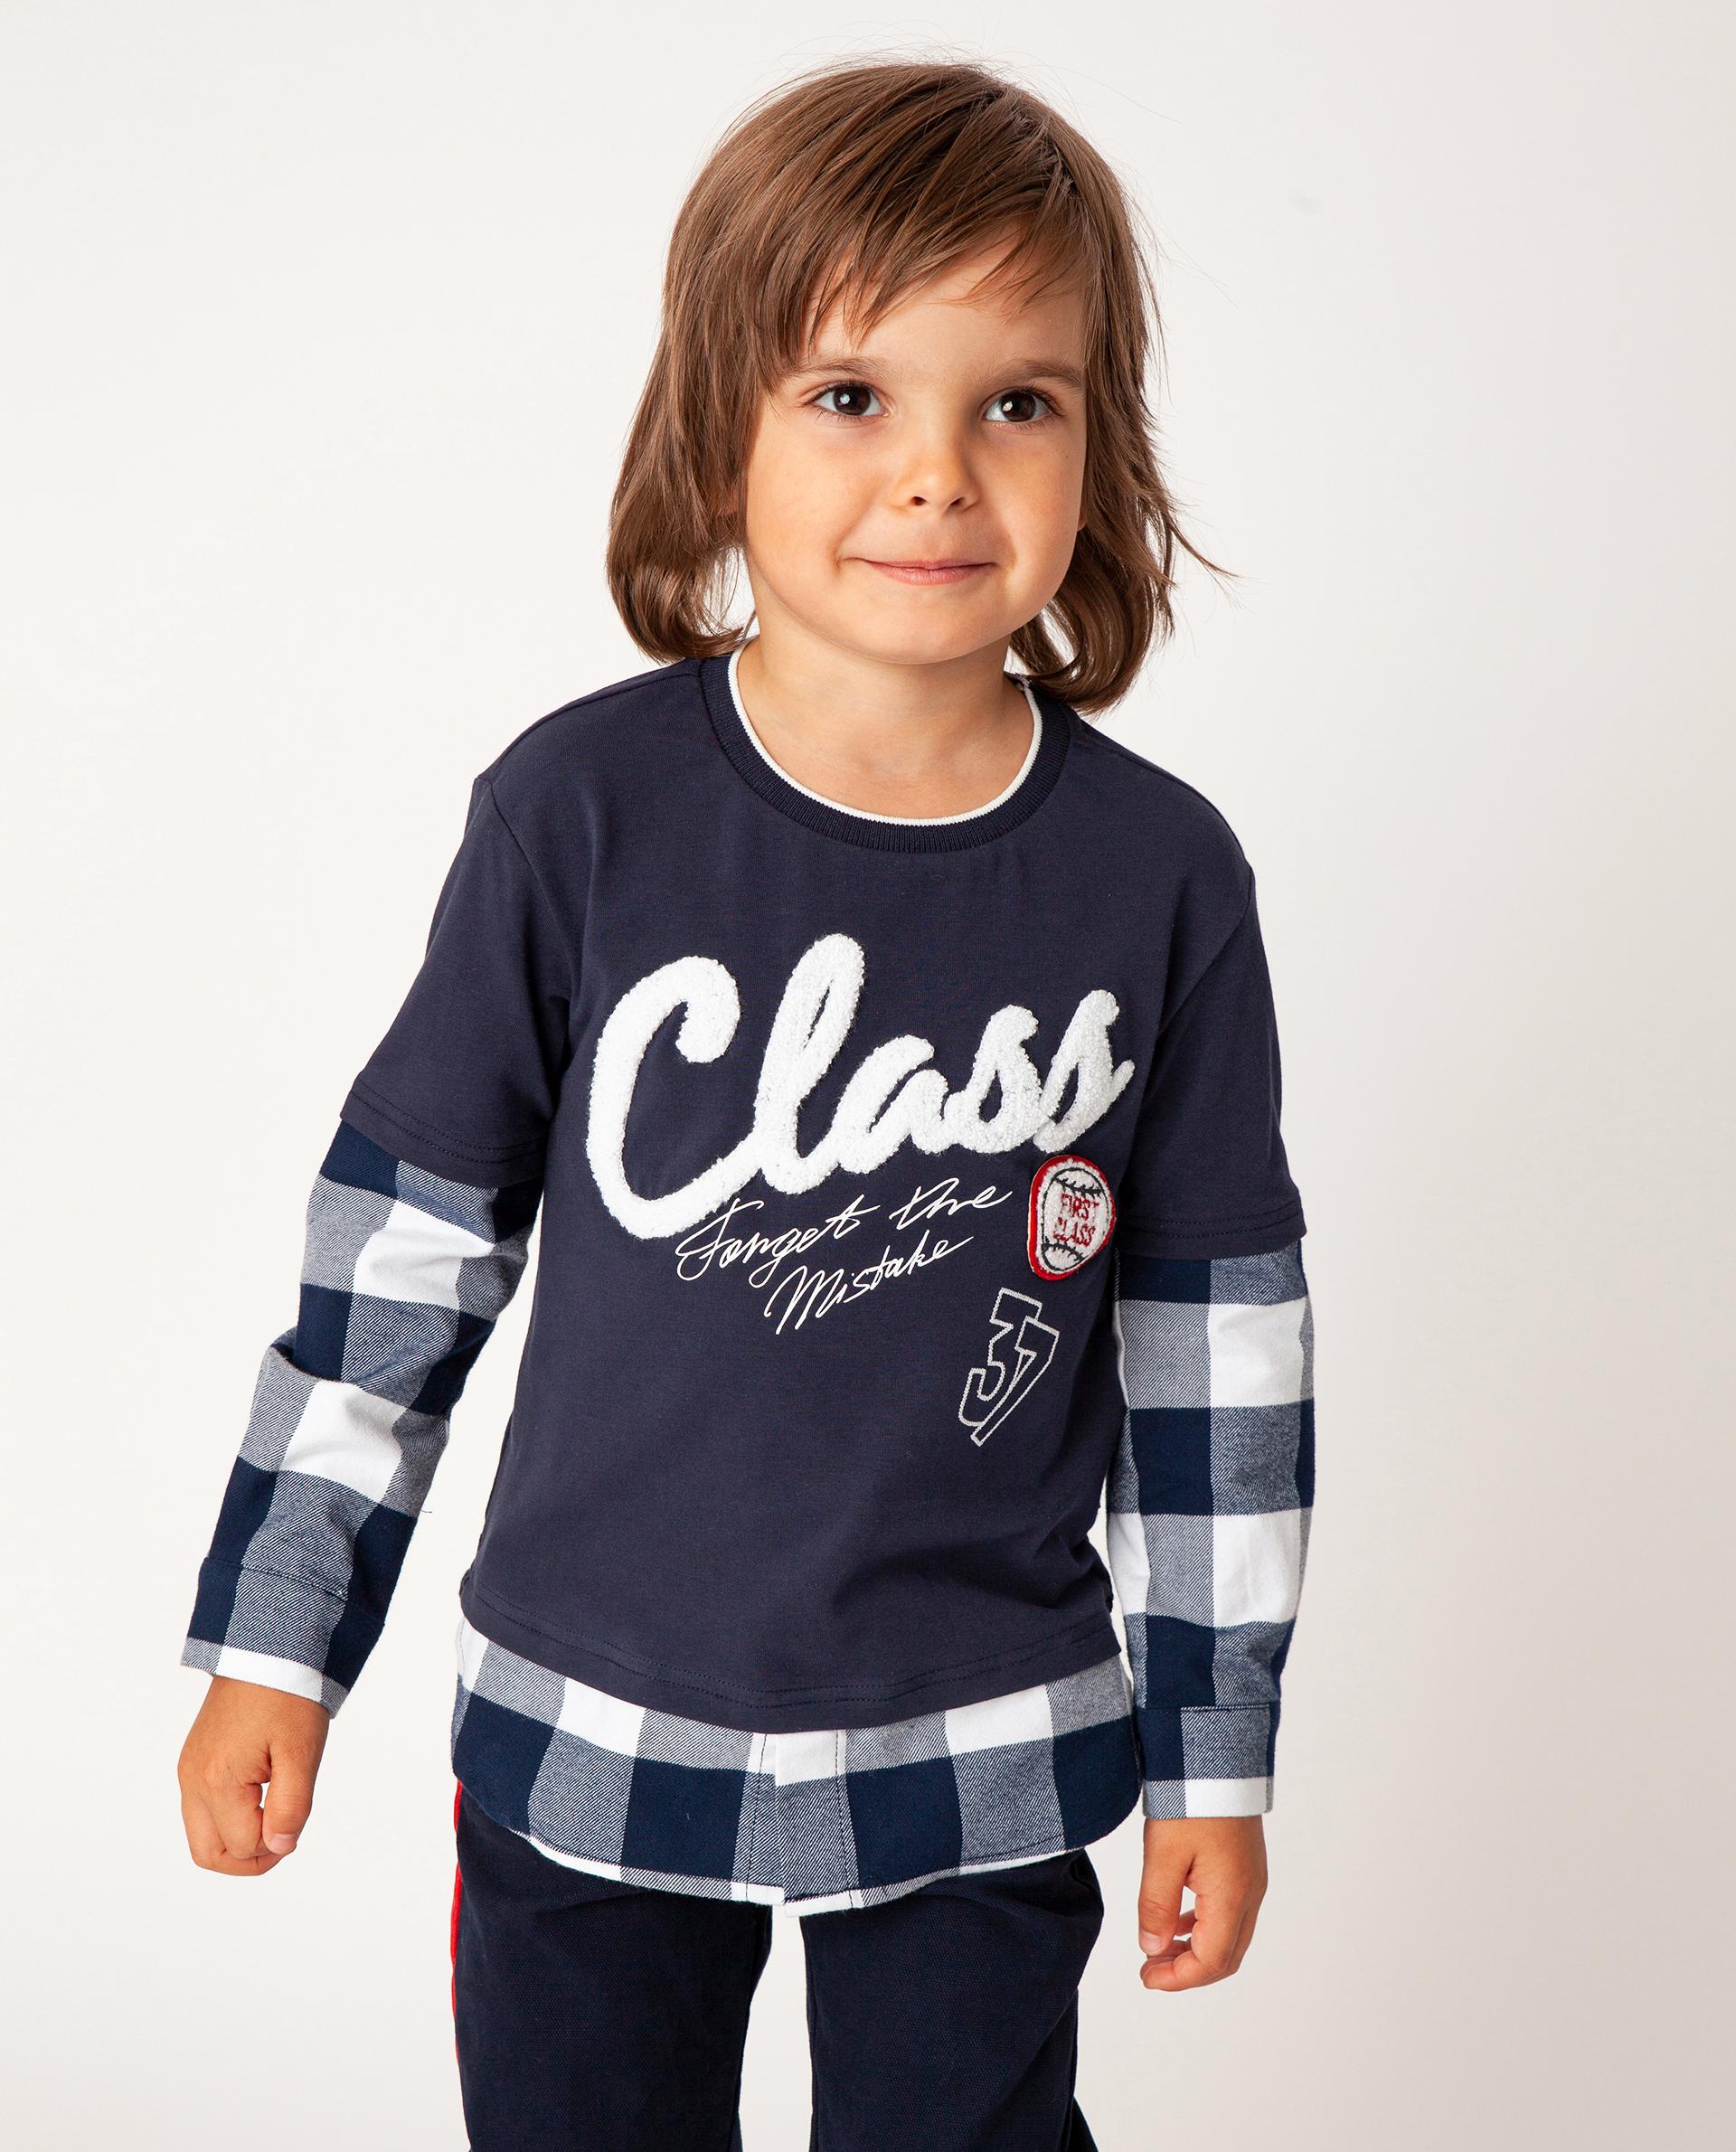 Купить 22005BMC1210, Синяя футболка с длинным рукавом Gulliver, синий, 110, Футер, Мужской, Зима, ОСЕНЬ/ЗИМА 2020-2021 (shop: GulliverMarket Gulliver Market)